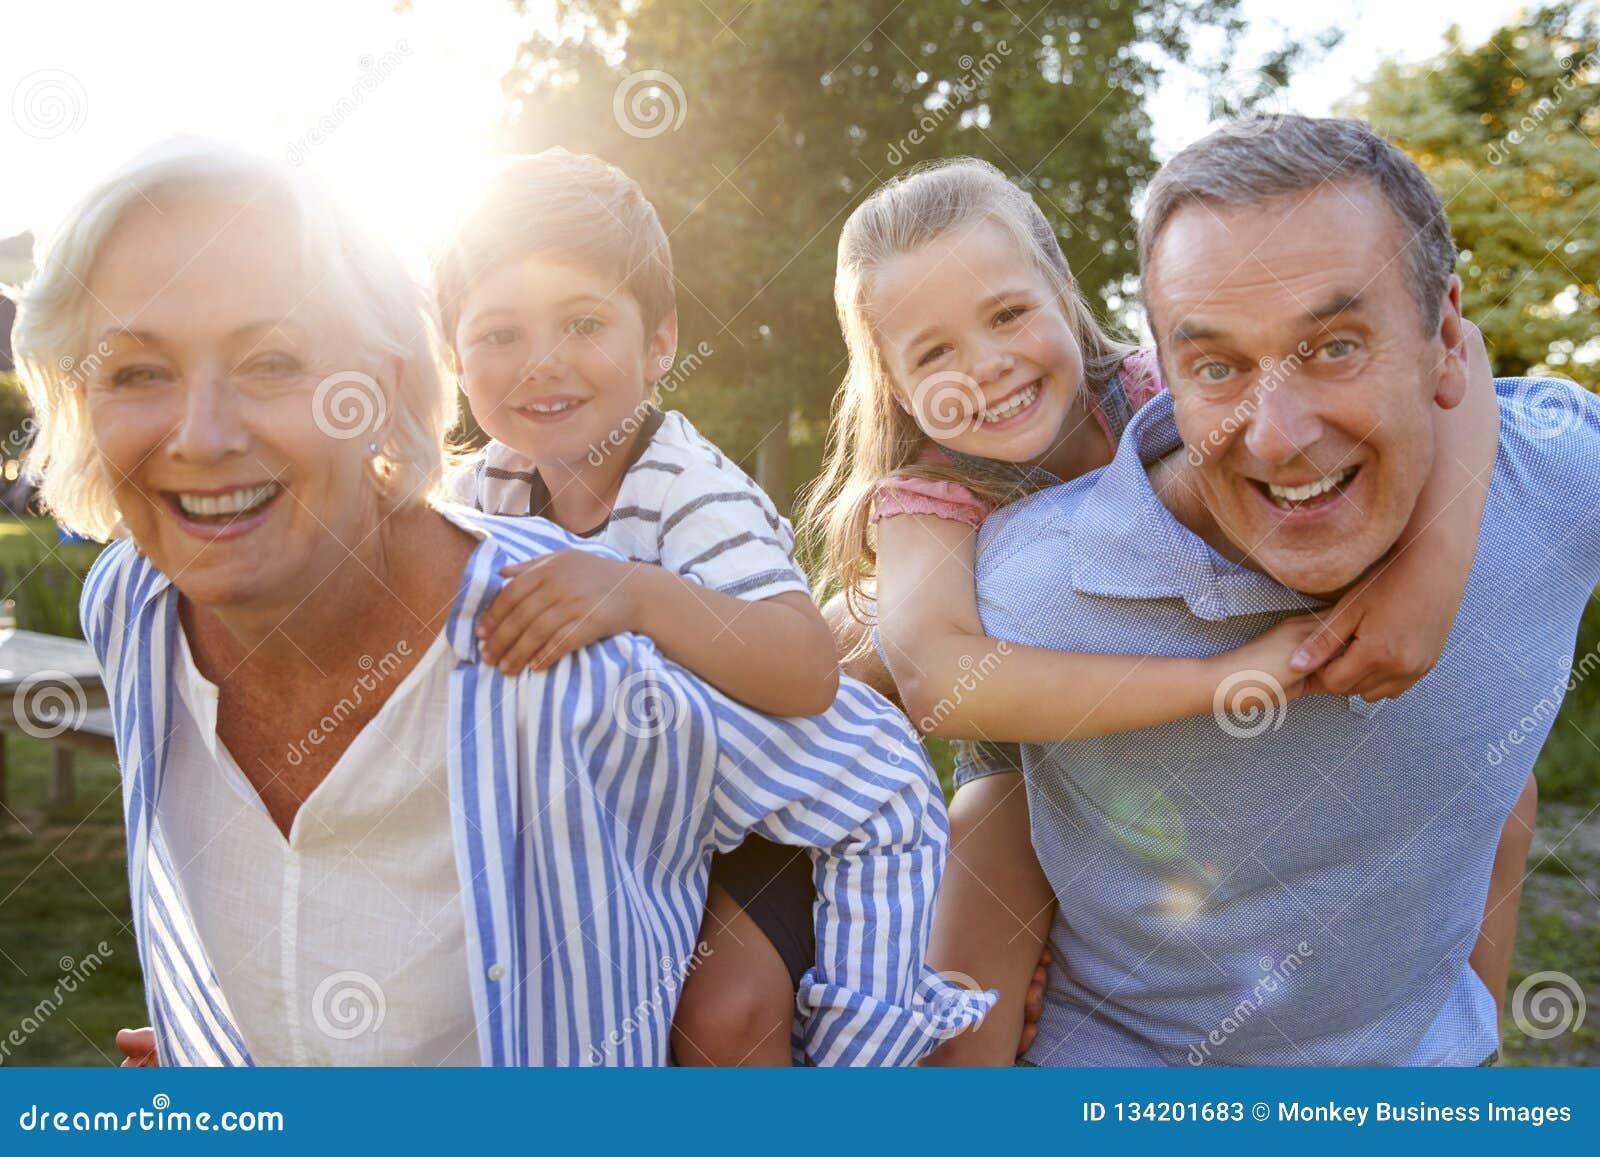 Porträt von den lächelnden Großeltern, die Enkelkinder geben, tragen Fahrfreien im Sommer-Park huckepack